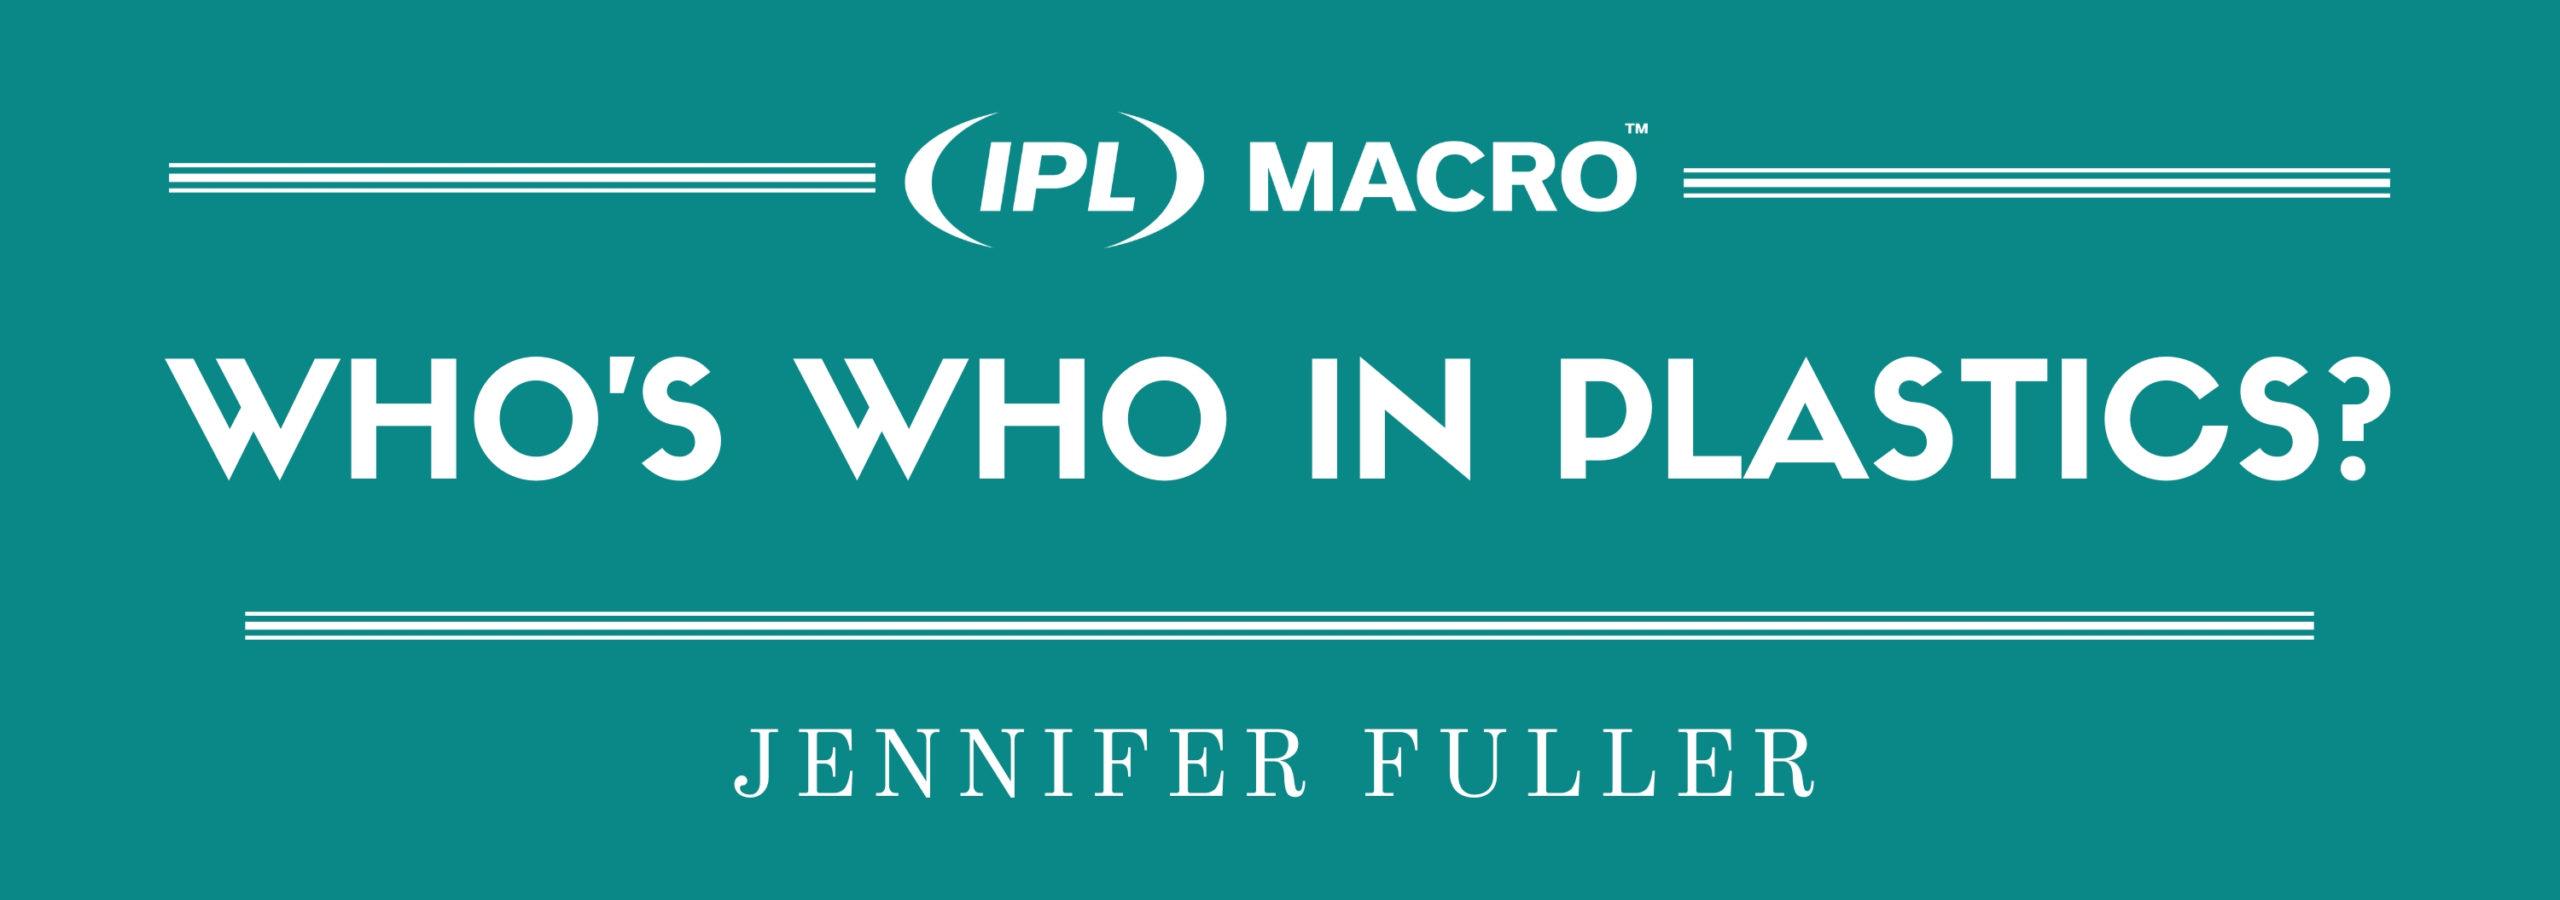 Who's Who in Plastics? - Employee Spotlight w/ Jennifer Fuller